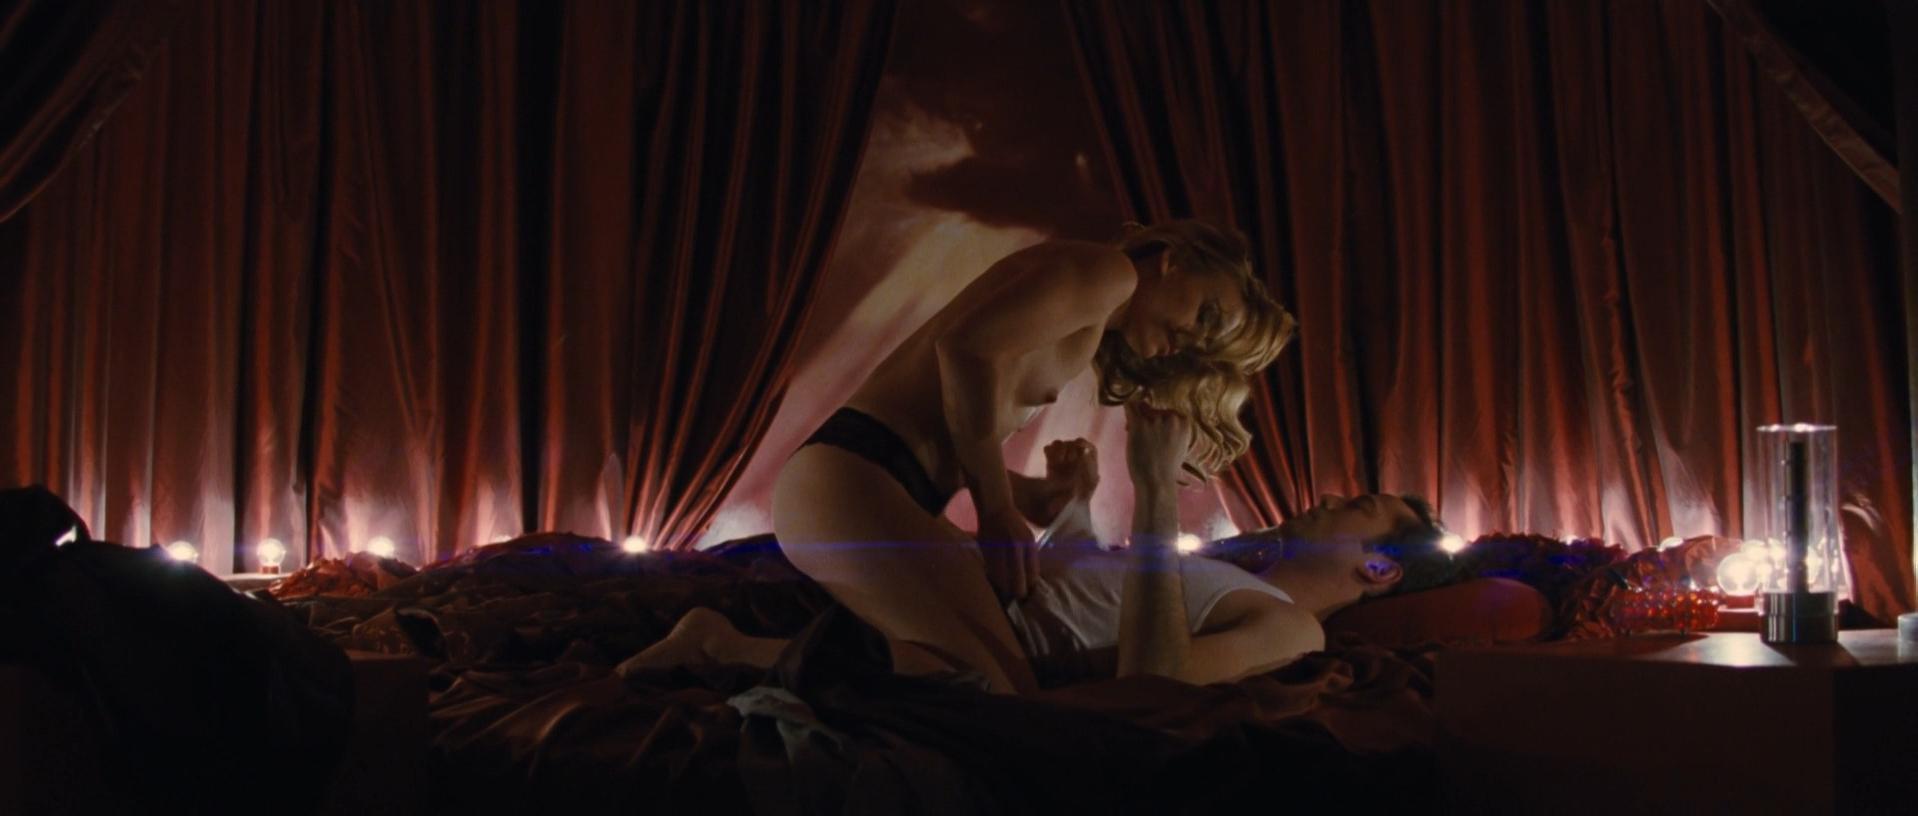 Piper perabo nude video